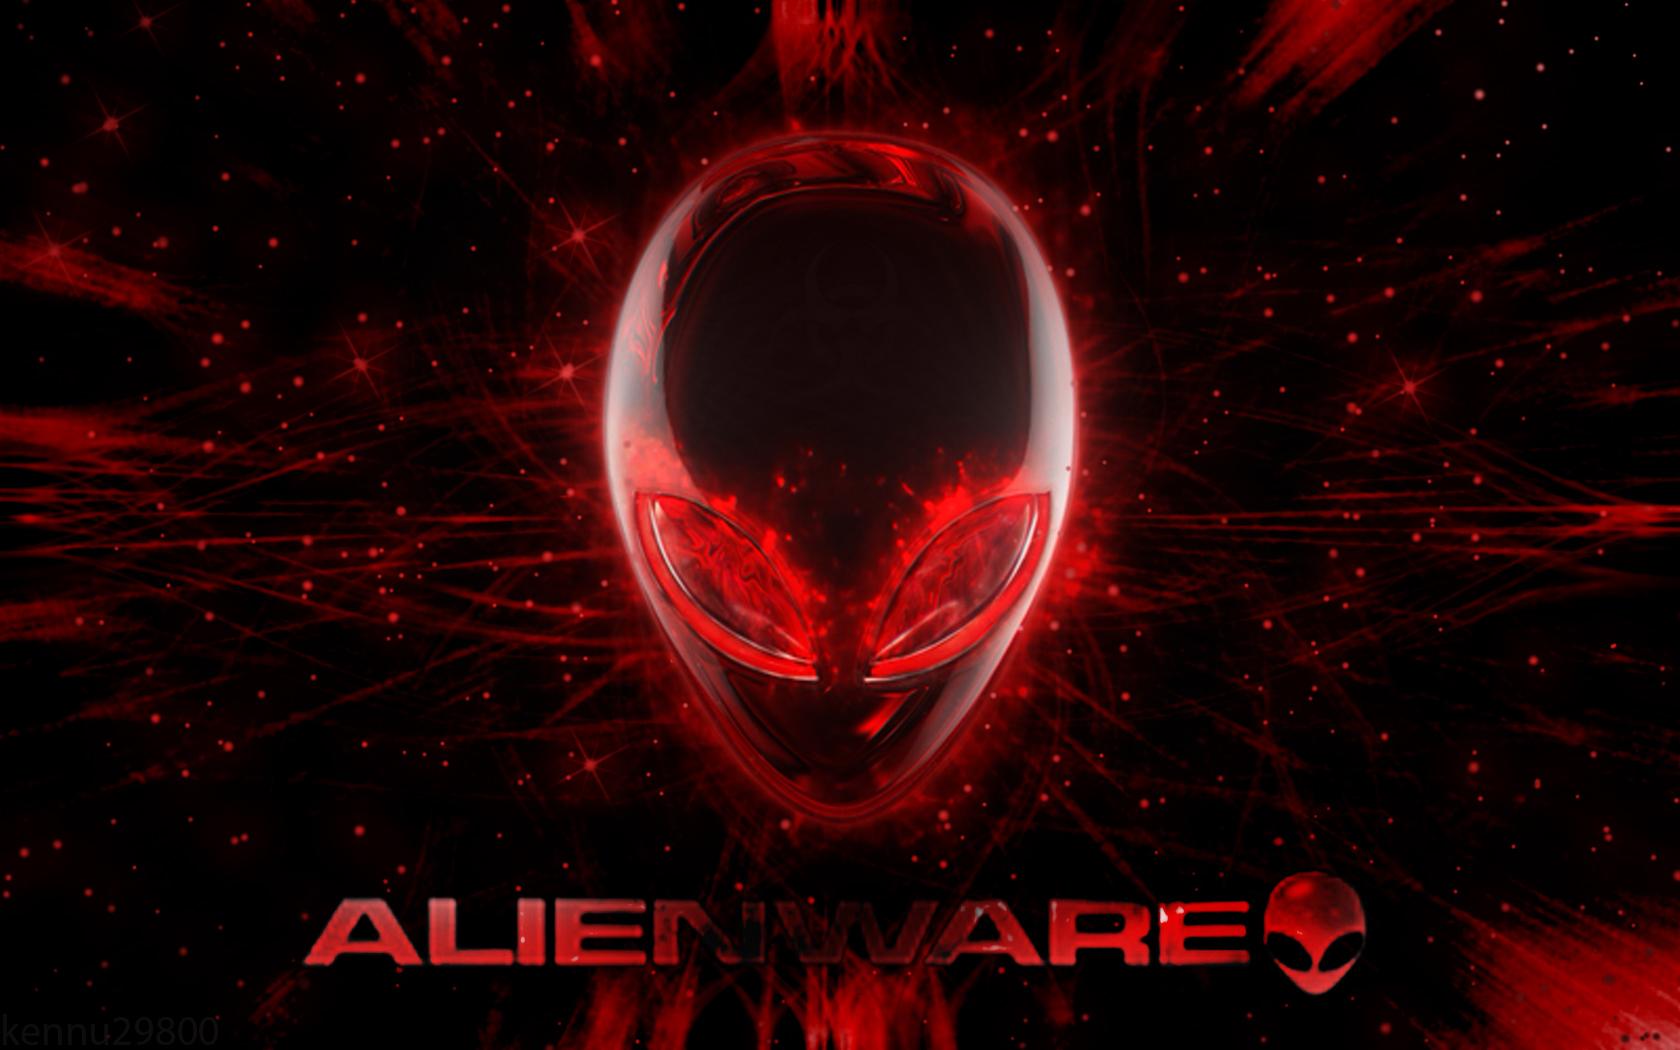 alienware desktop background red - photo #24